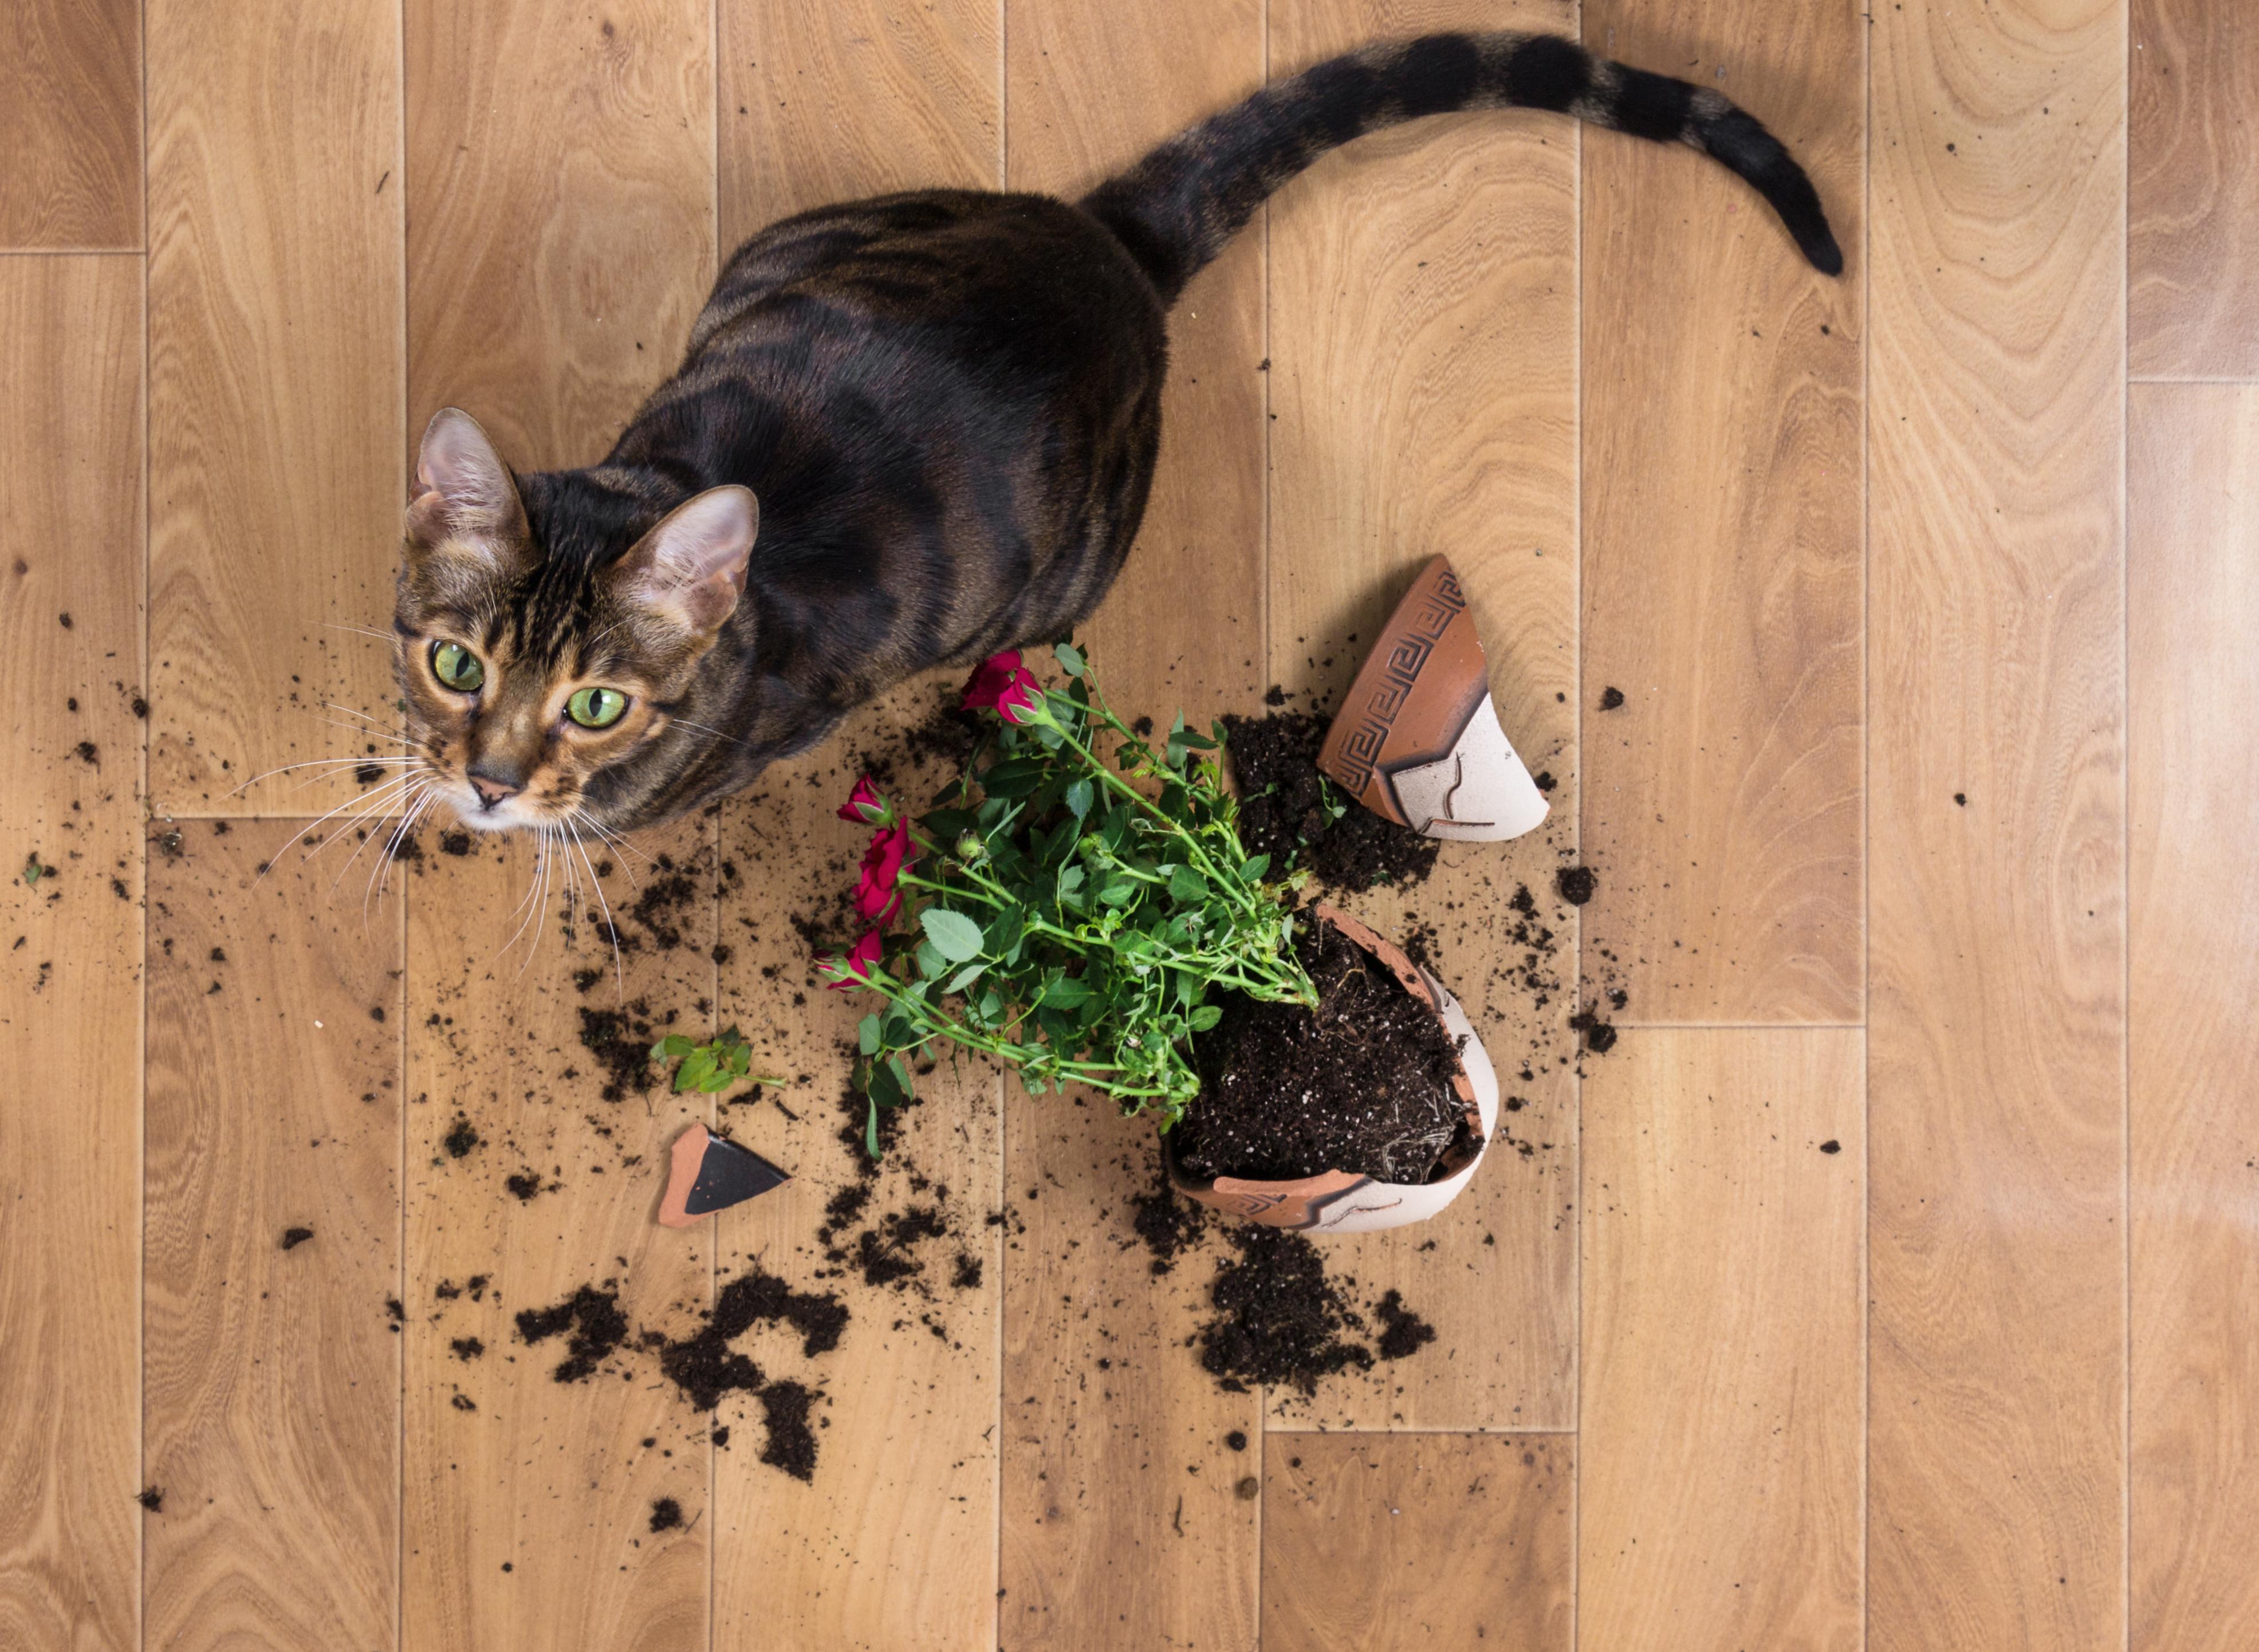 gato-derruba-vaso-de-flor-que-quebra-no-chão